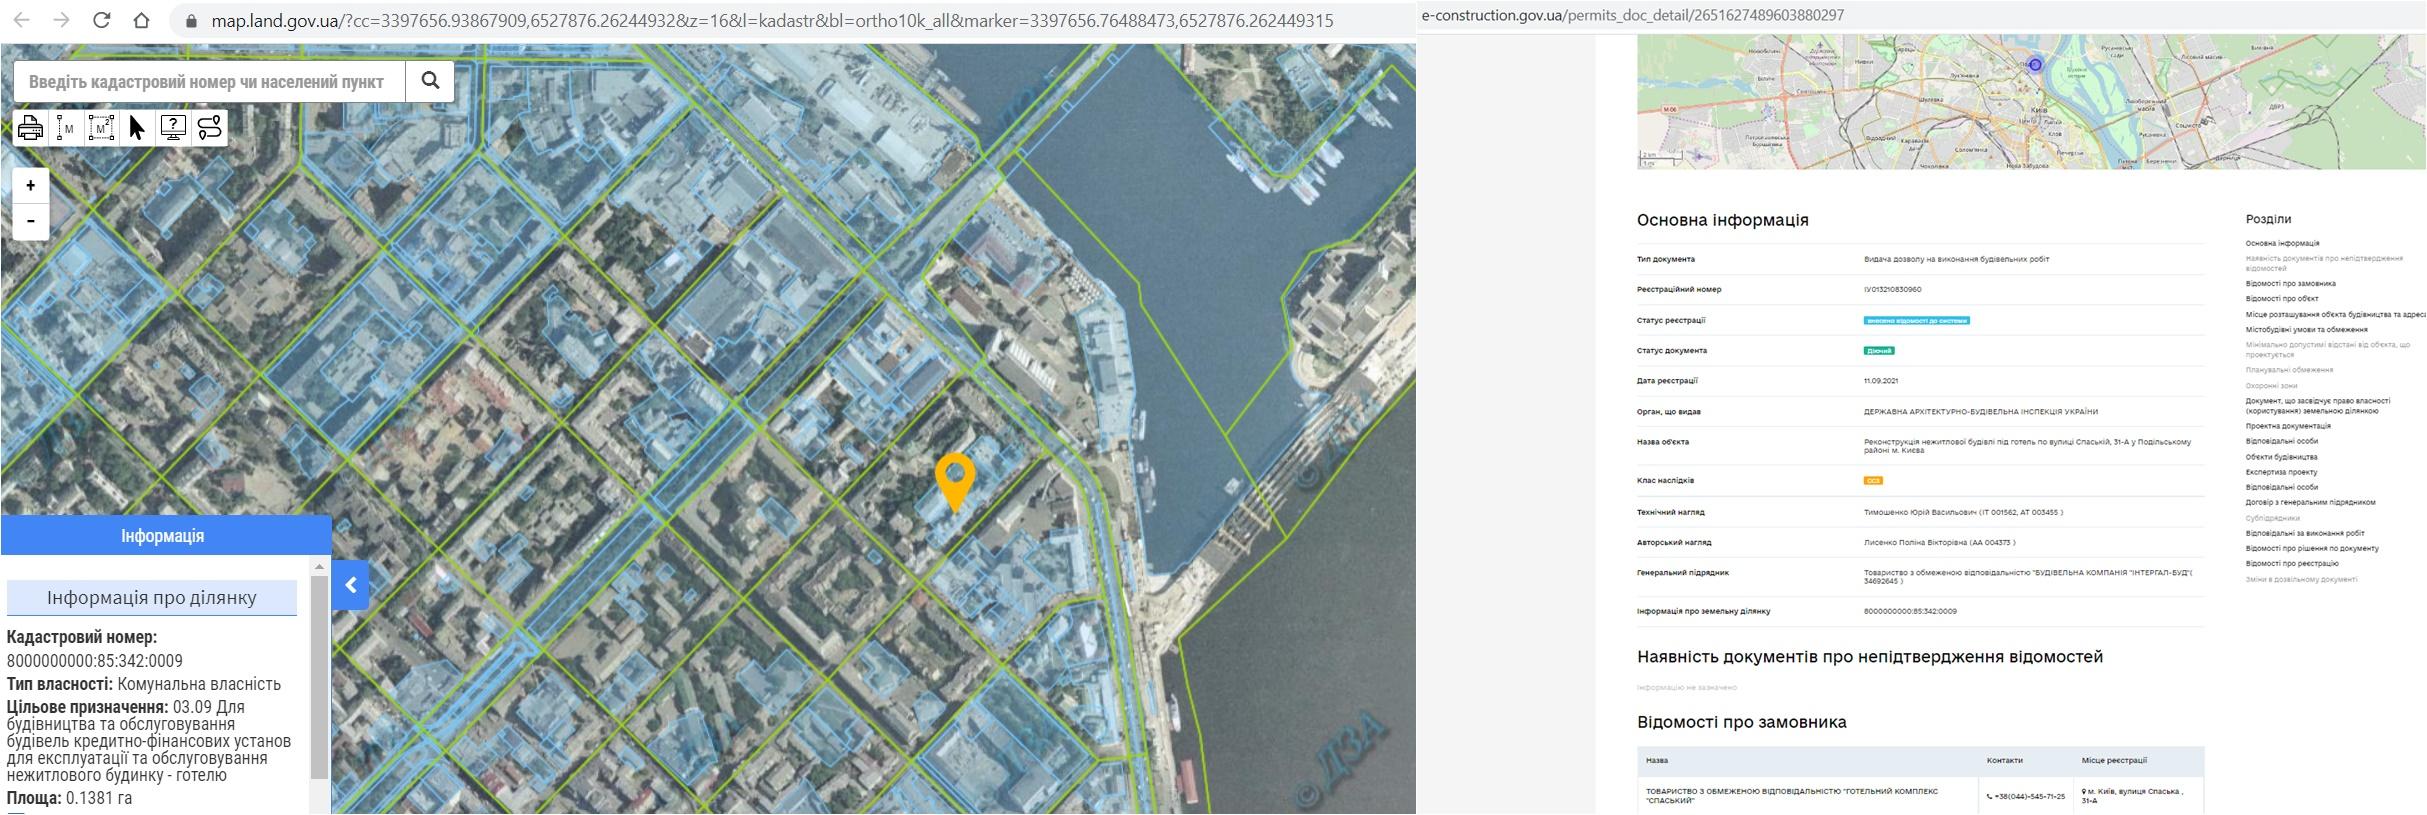 Проект реконструкции по ул. Спасская, 31-А данные кадастра и Разрешение в реестре